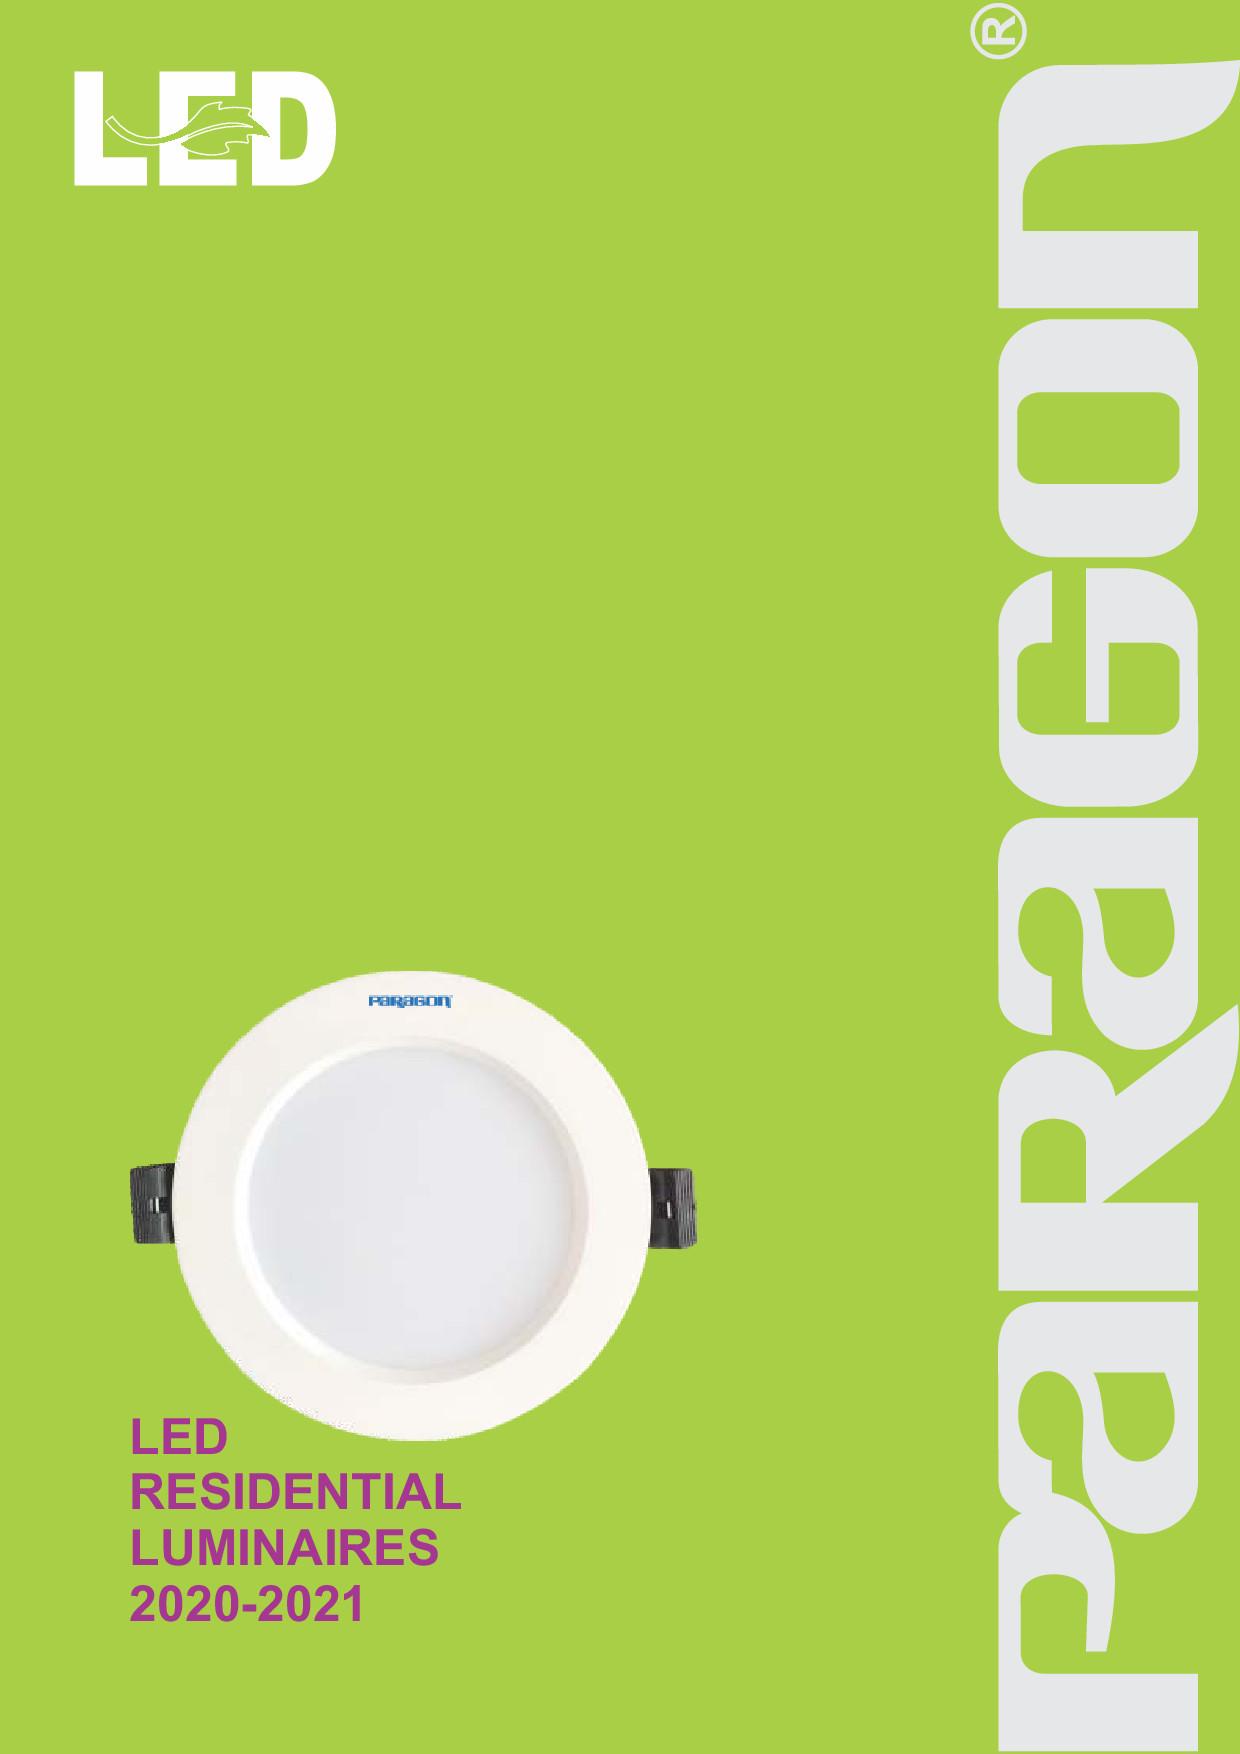 Bảng giá đèn dân dụng Paragon